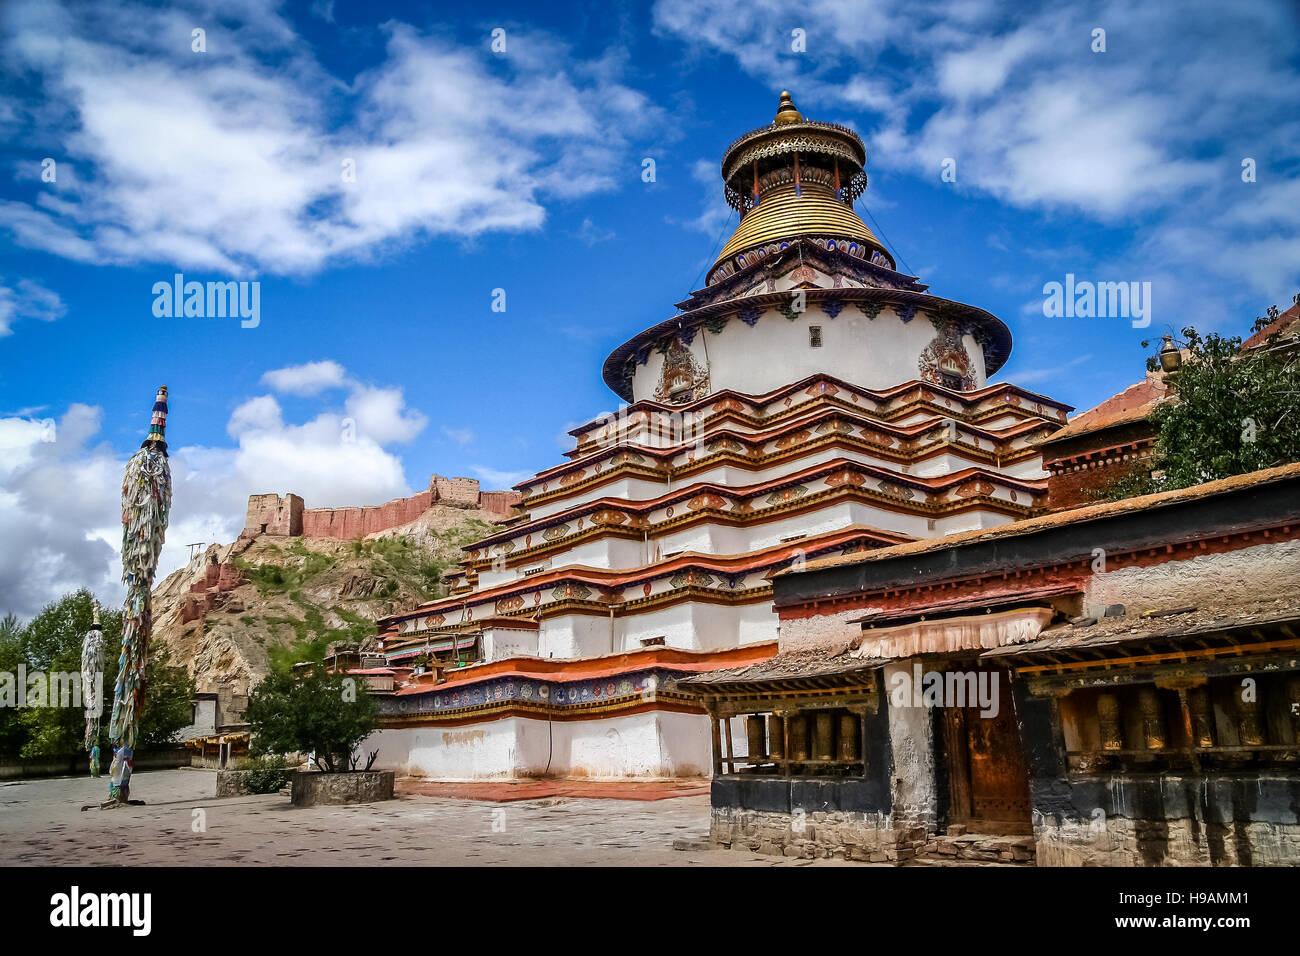 The Buddhist Kumbum chorten in Gyantse in the Tibet Autonomous Region of China - Stock Image